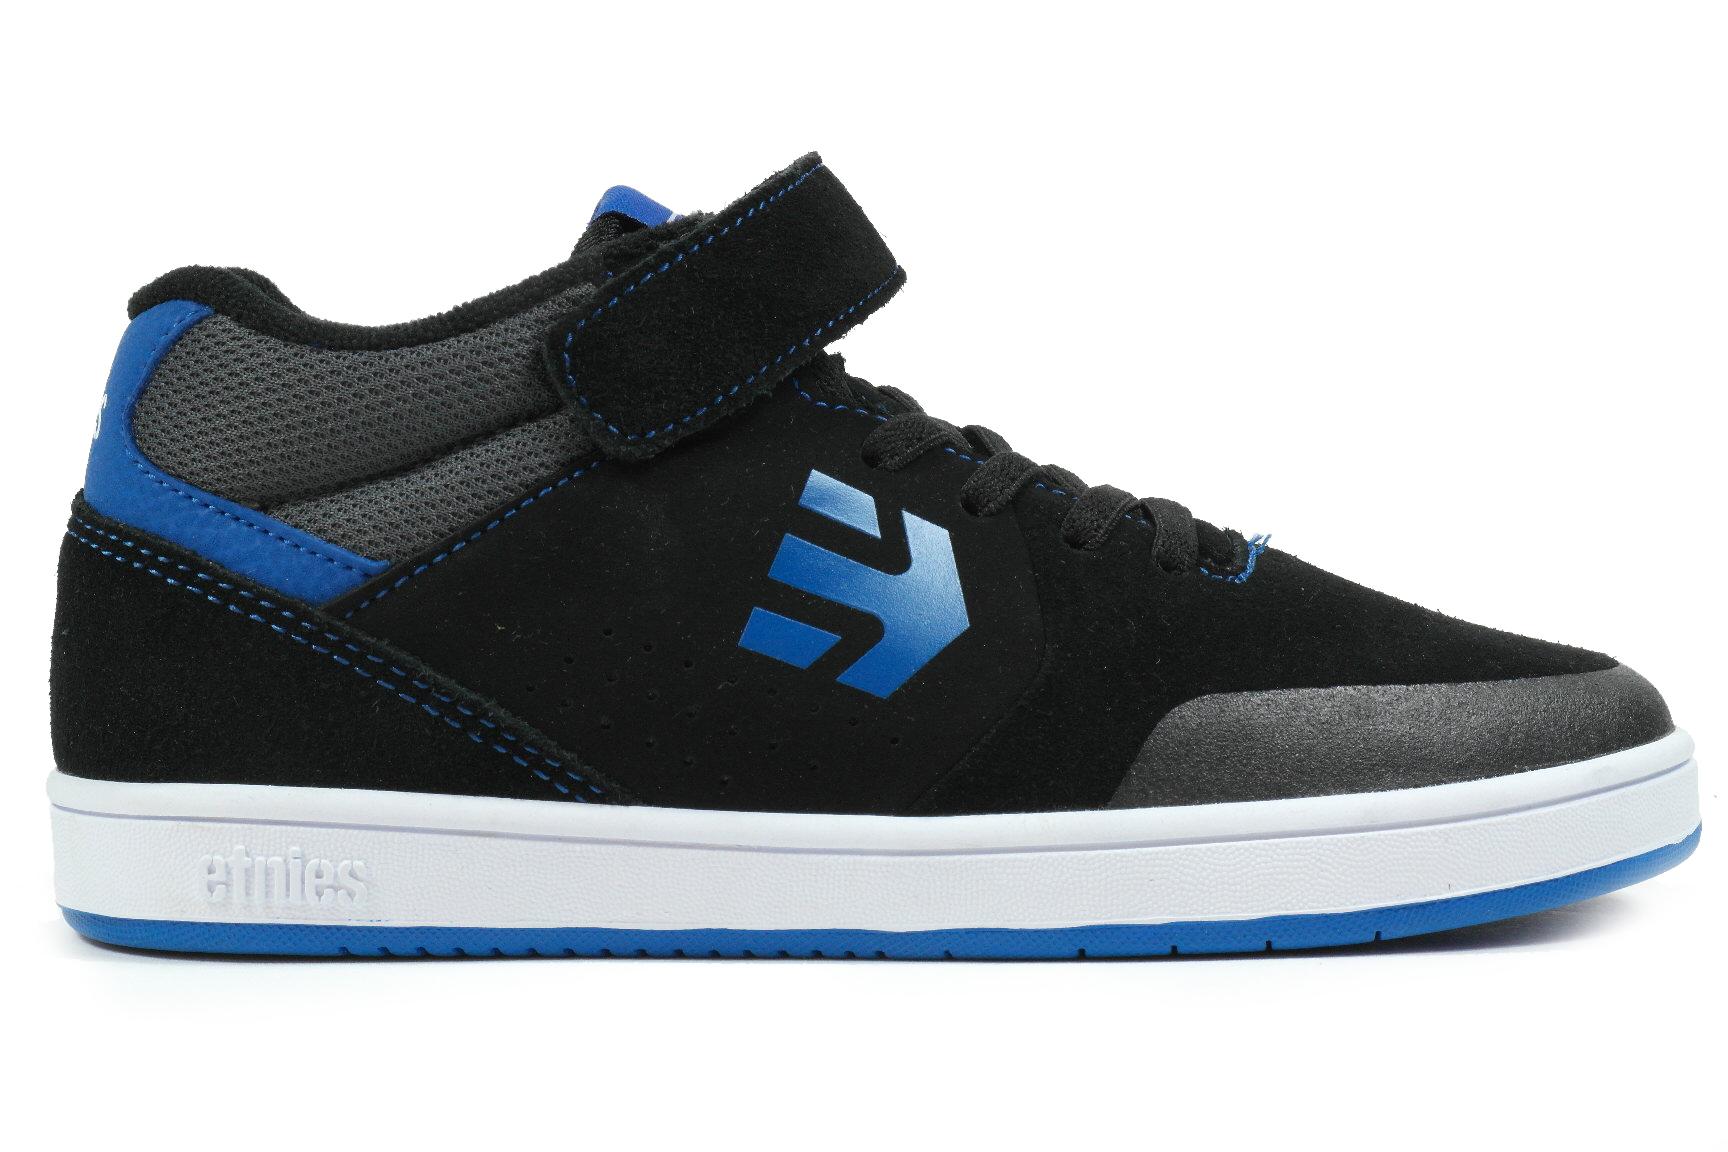 Afbeelding van Etnies Marana MT Jongens sneakers ZWART